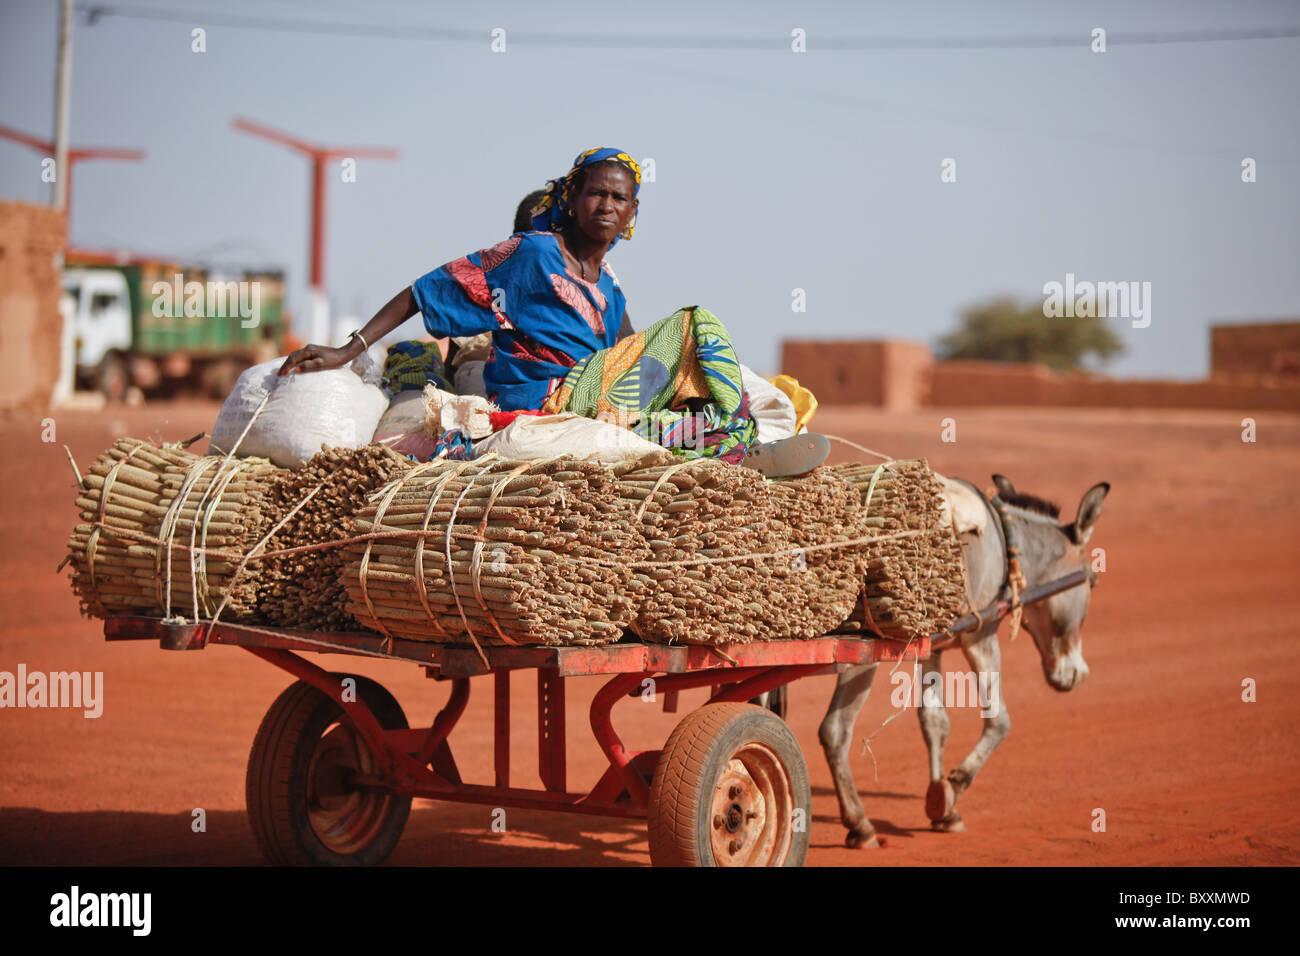 Une famille apporte au marché du mil récoltés par des ânes à Djibo, Burkina Faso. Photo Stock